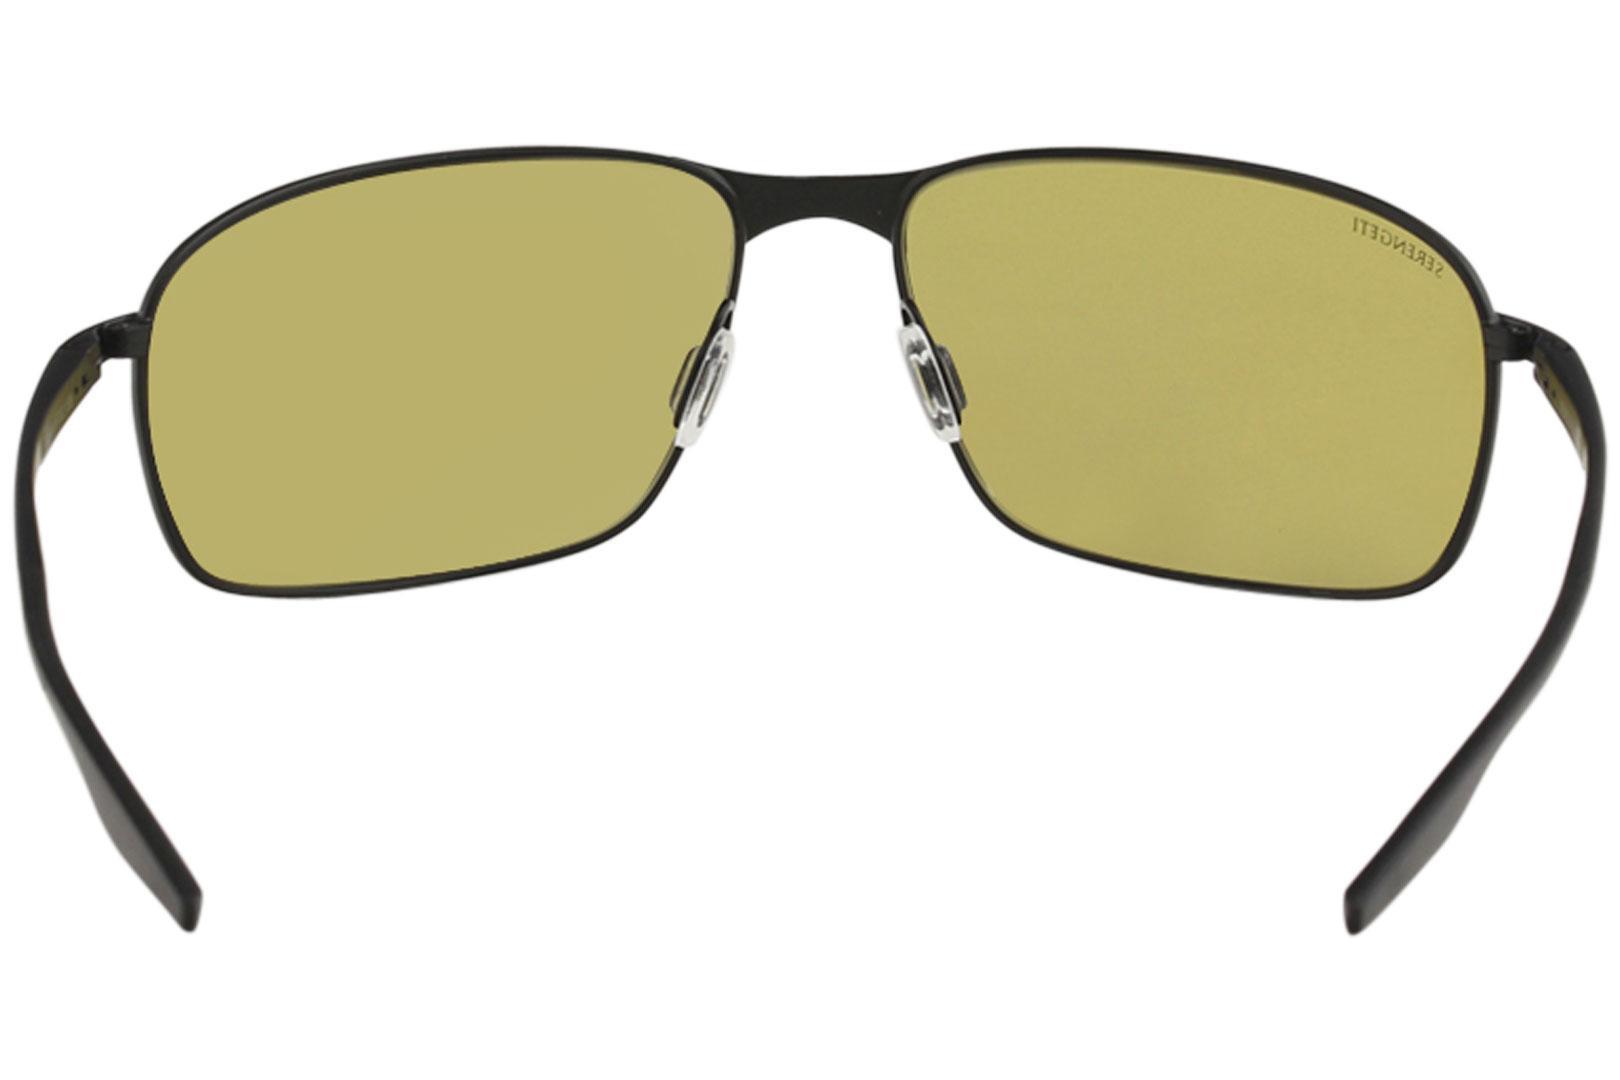 50f9222b4ae1 Serengeti Men s Varese Fashion Rectangle Sunglasses